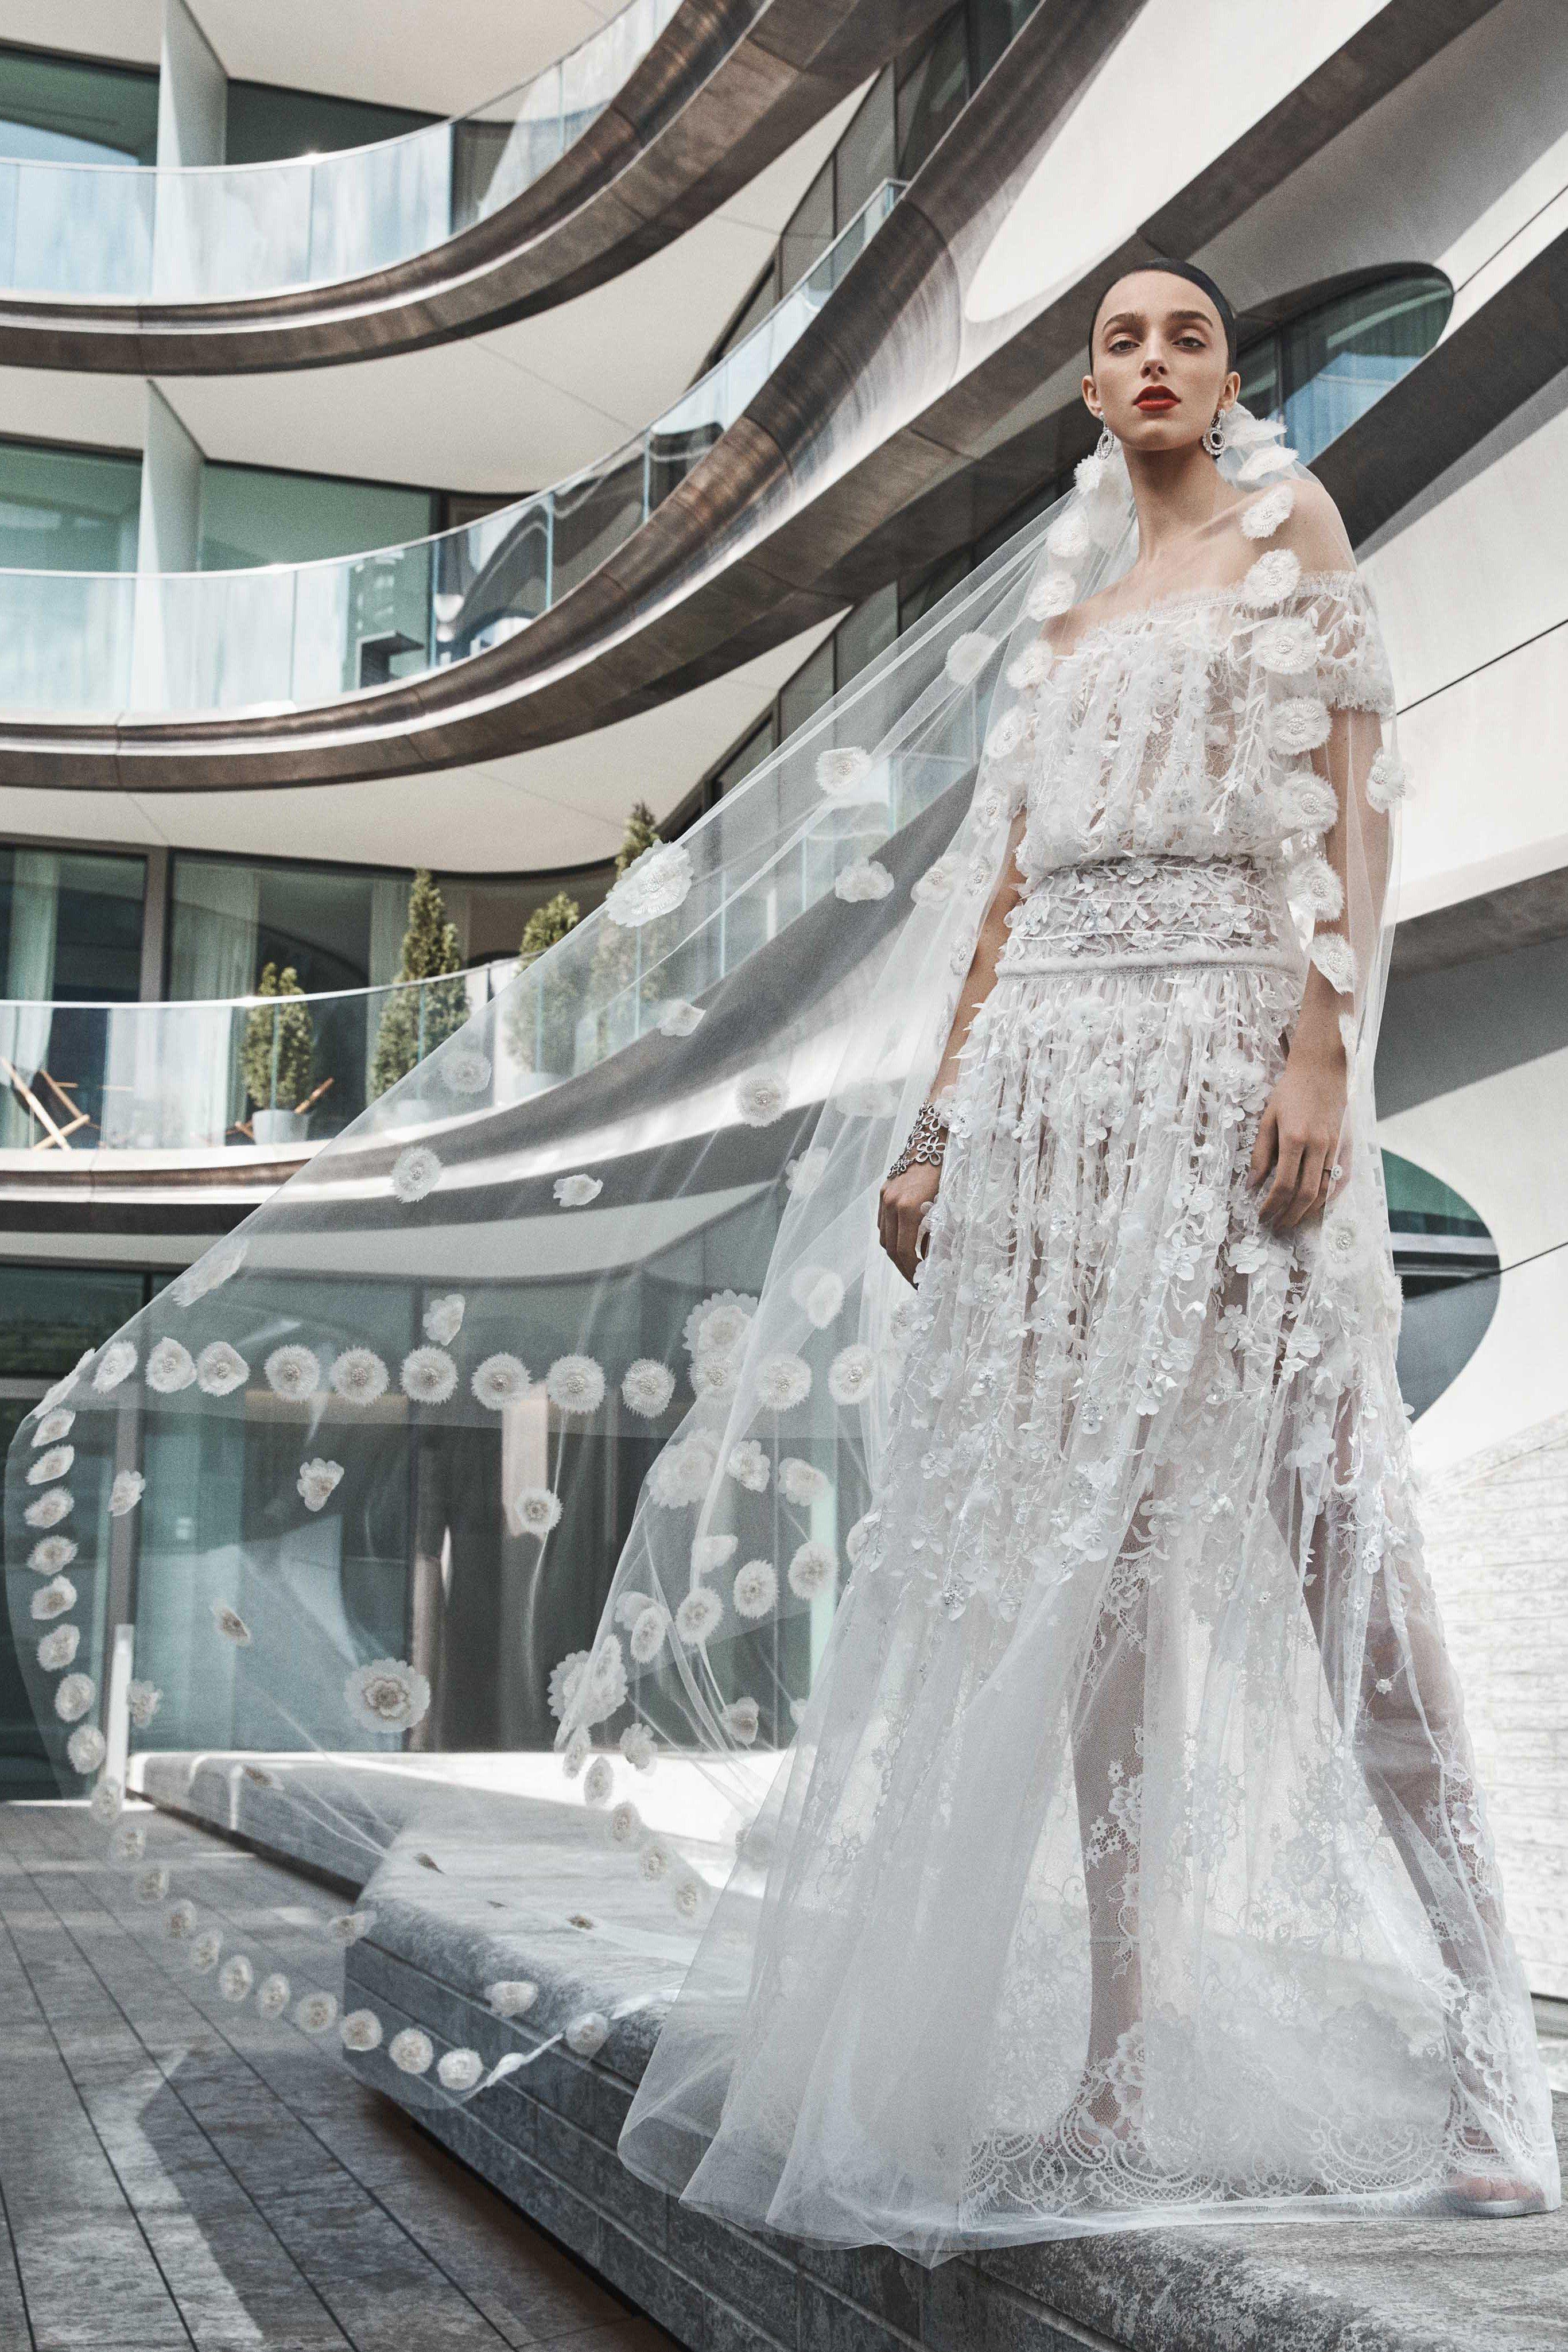 0d6803d5180 Beach Wedding Dresses - Bridal Gowns for a Beach Destination Wedding